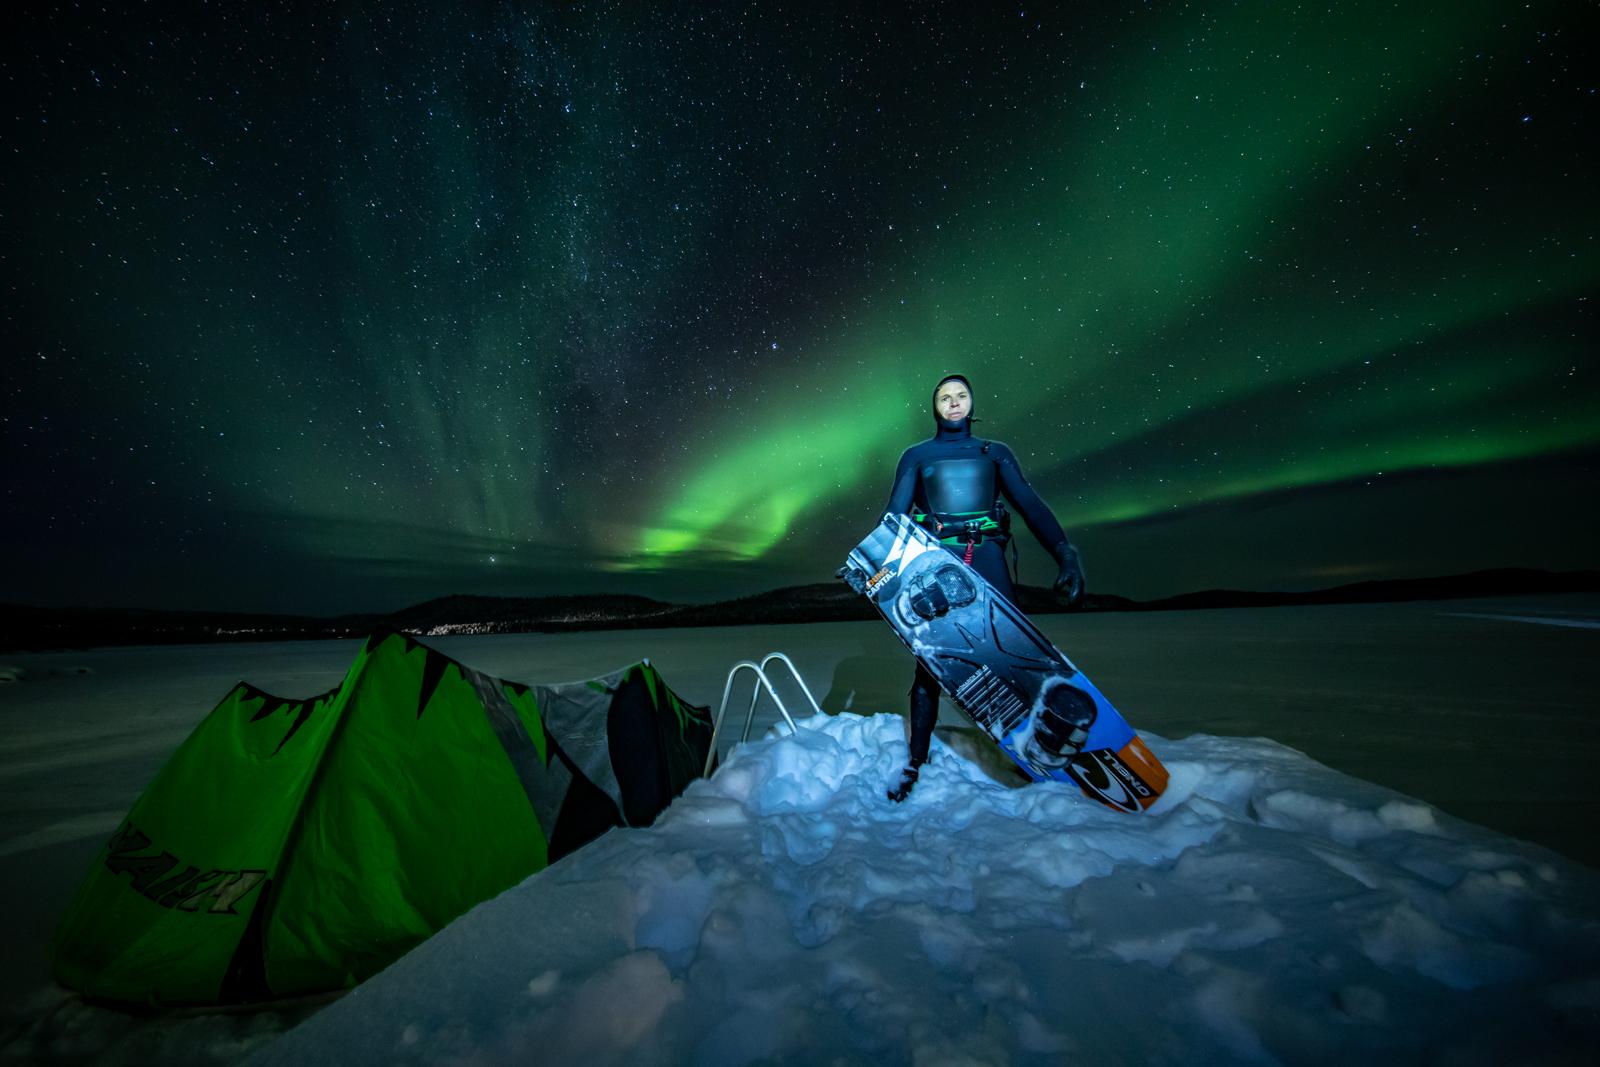 foto van kitesurfer Kevin Langeree op de Noordpool in het groene noorderlicht met zijn kiteboard in de sneeuw aan de rand van het water